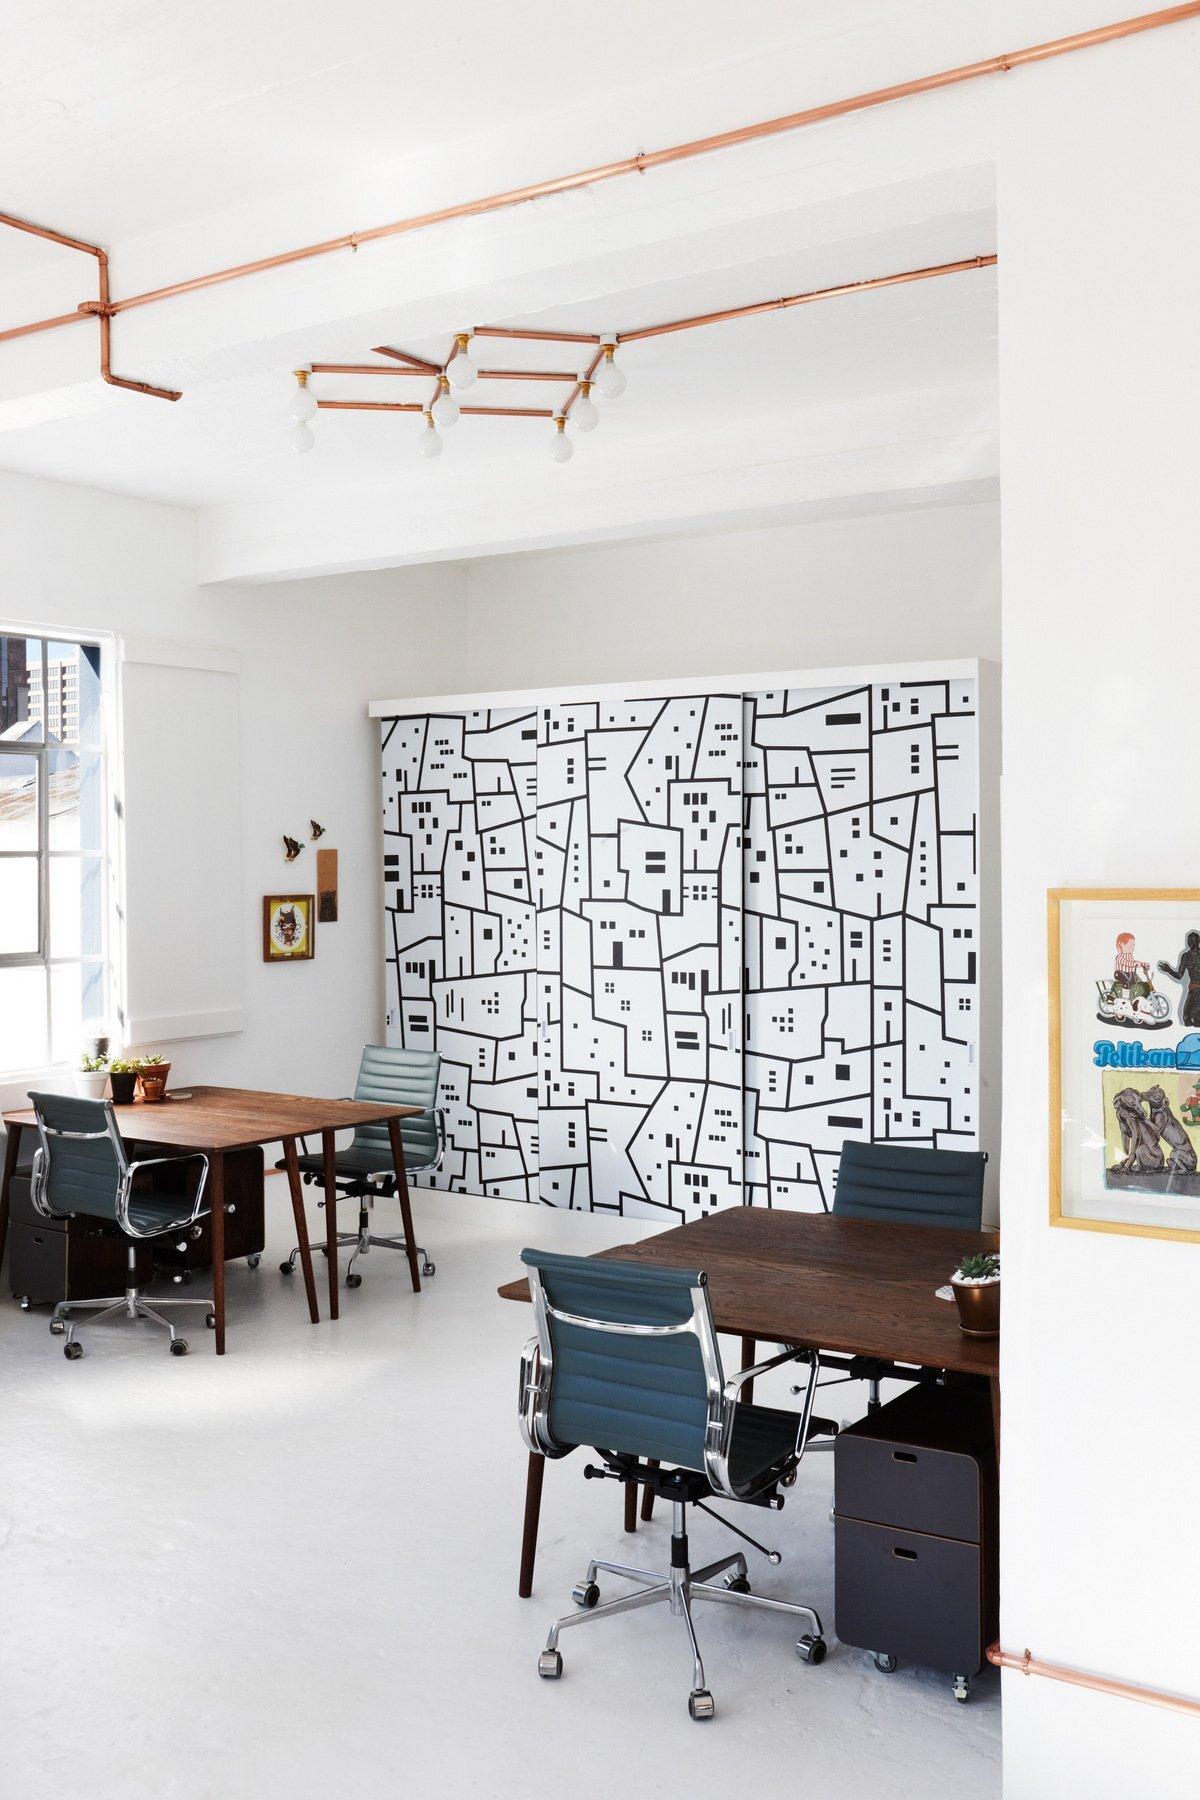 哪些因素影响办公室装修造价呢?